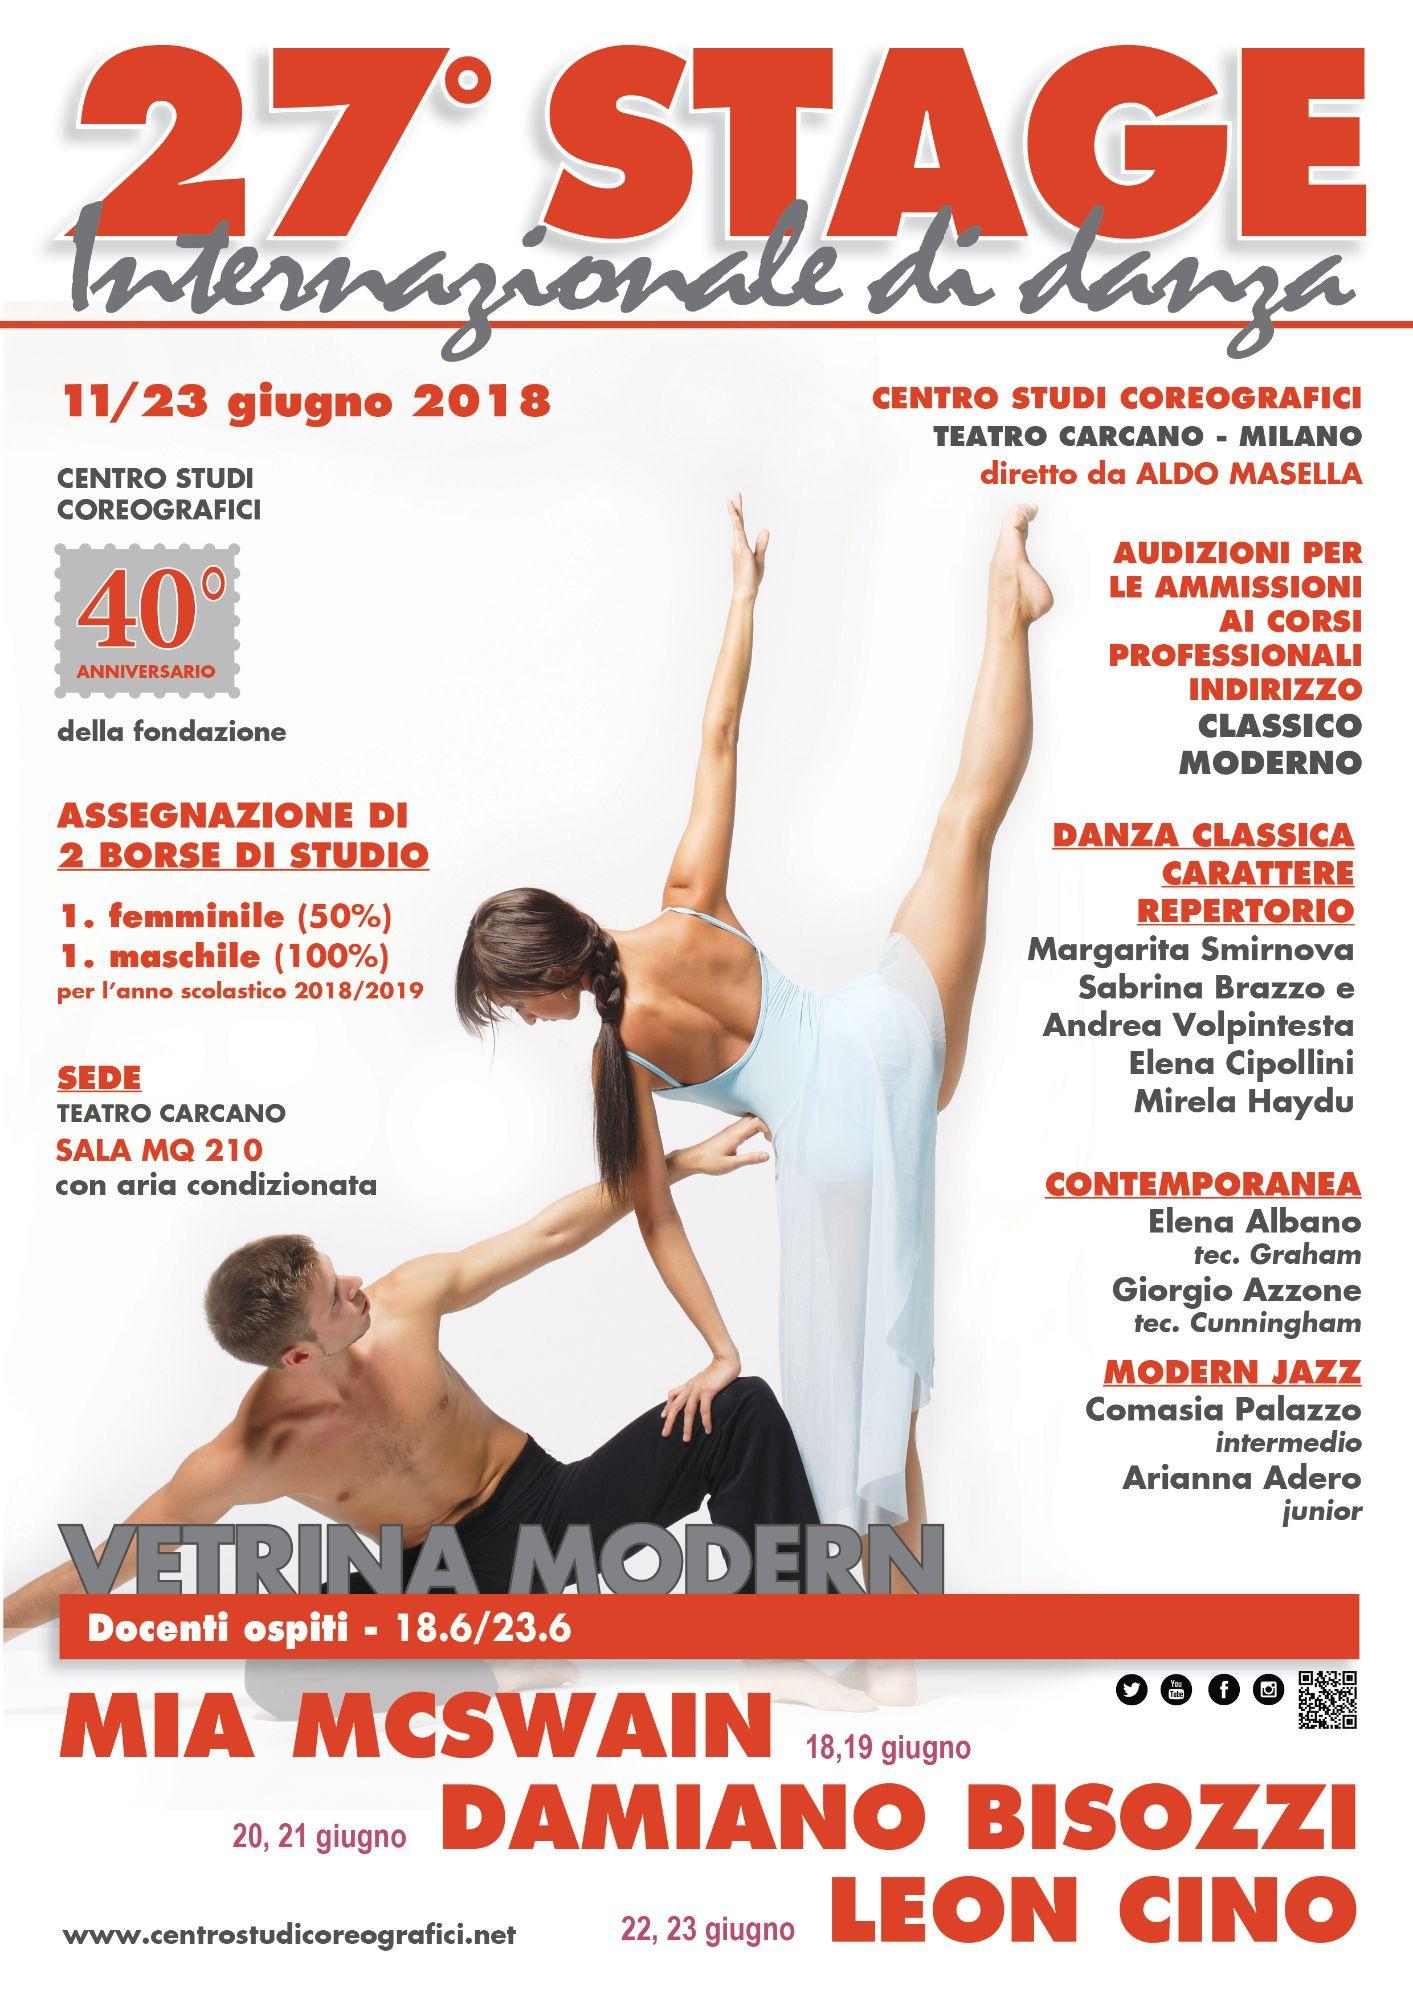 27 ° STAGE INTERNAZIONALE DI DANZA A MILANO DAL 11 AL 23 GIUGNO